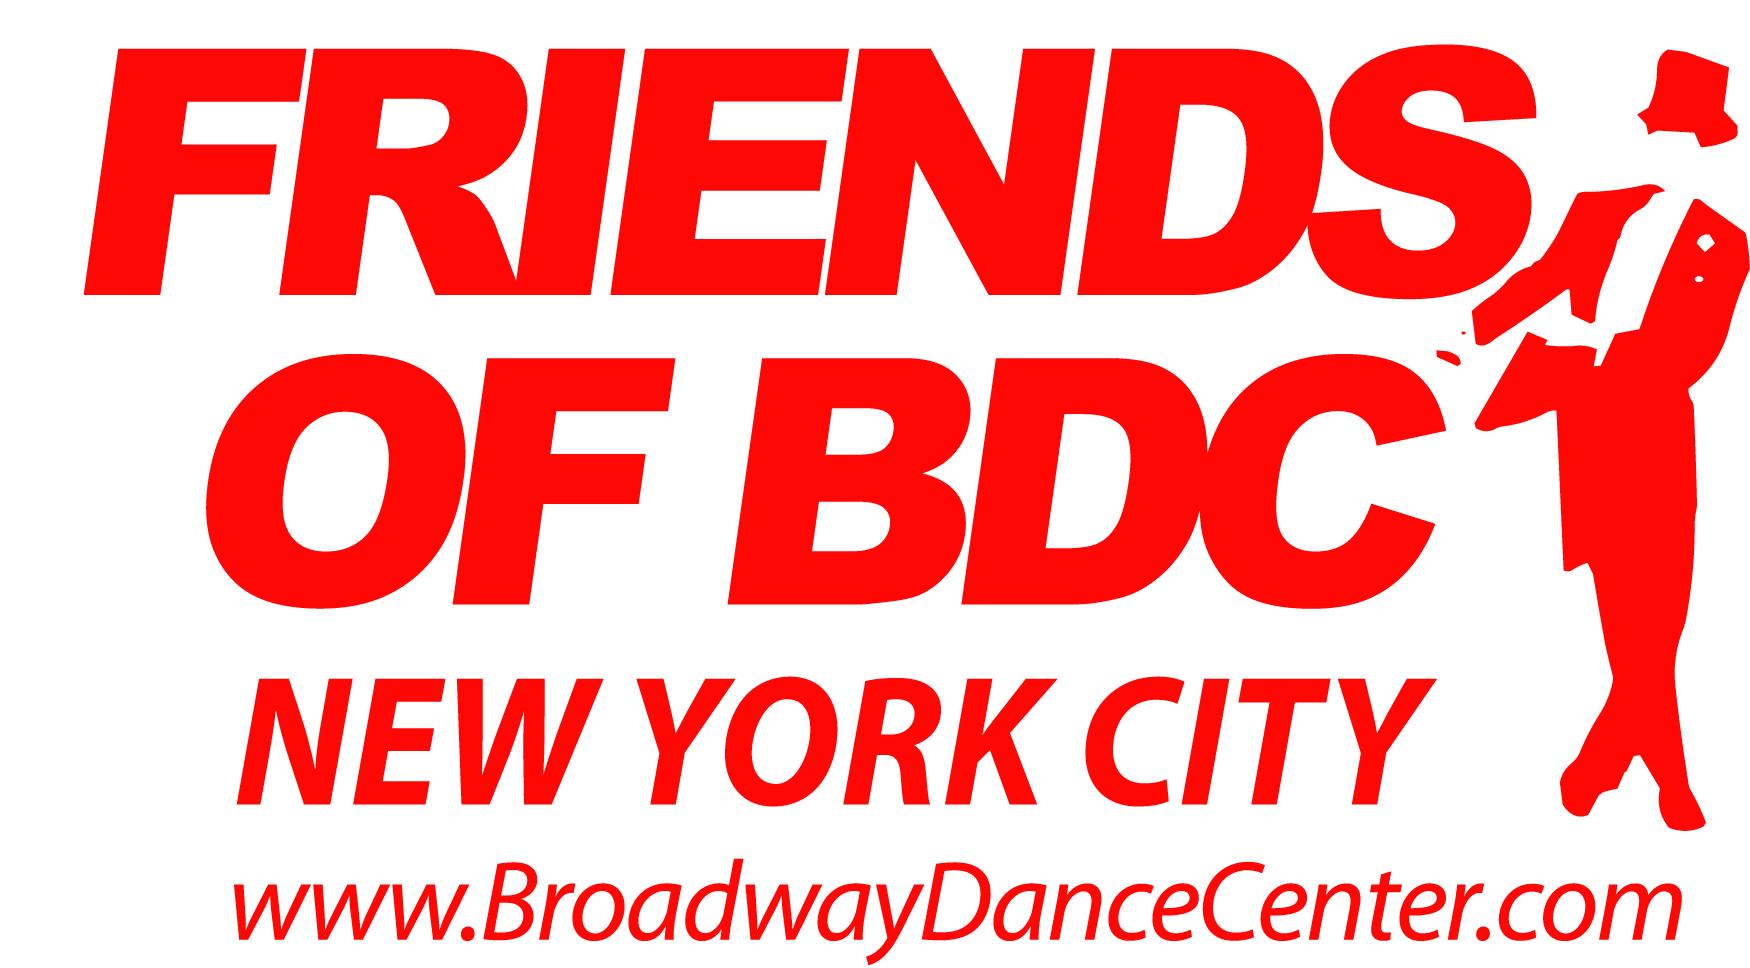 【長期ダンス留学】Broadway Dance Center